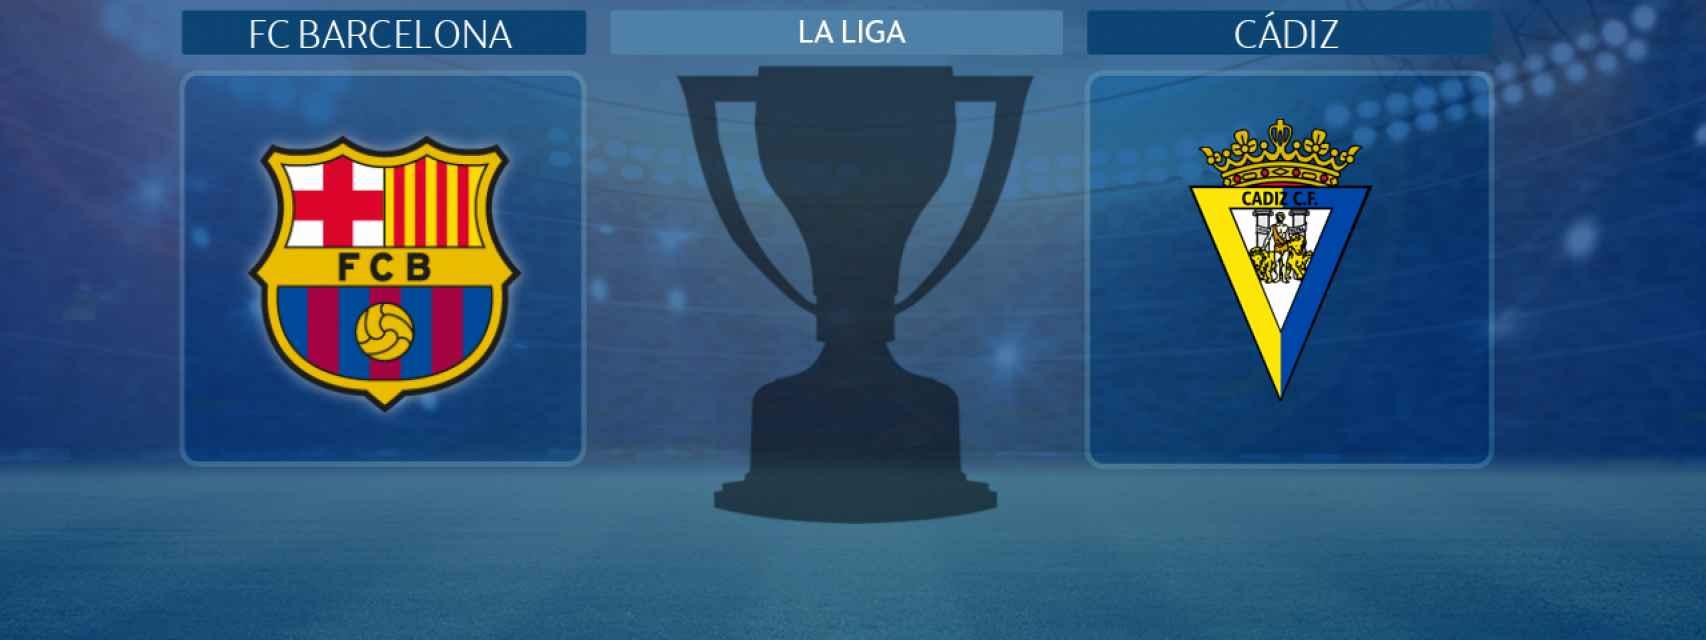 FC Barcelona - Cádiz, partido de La Liga